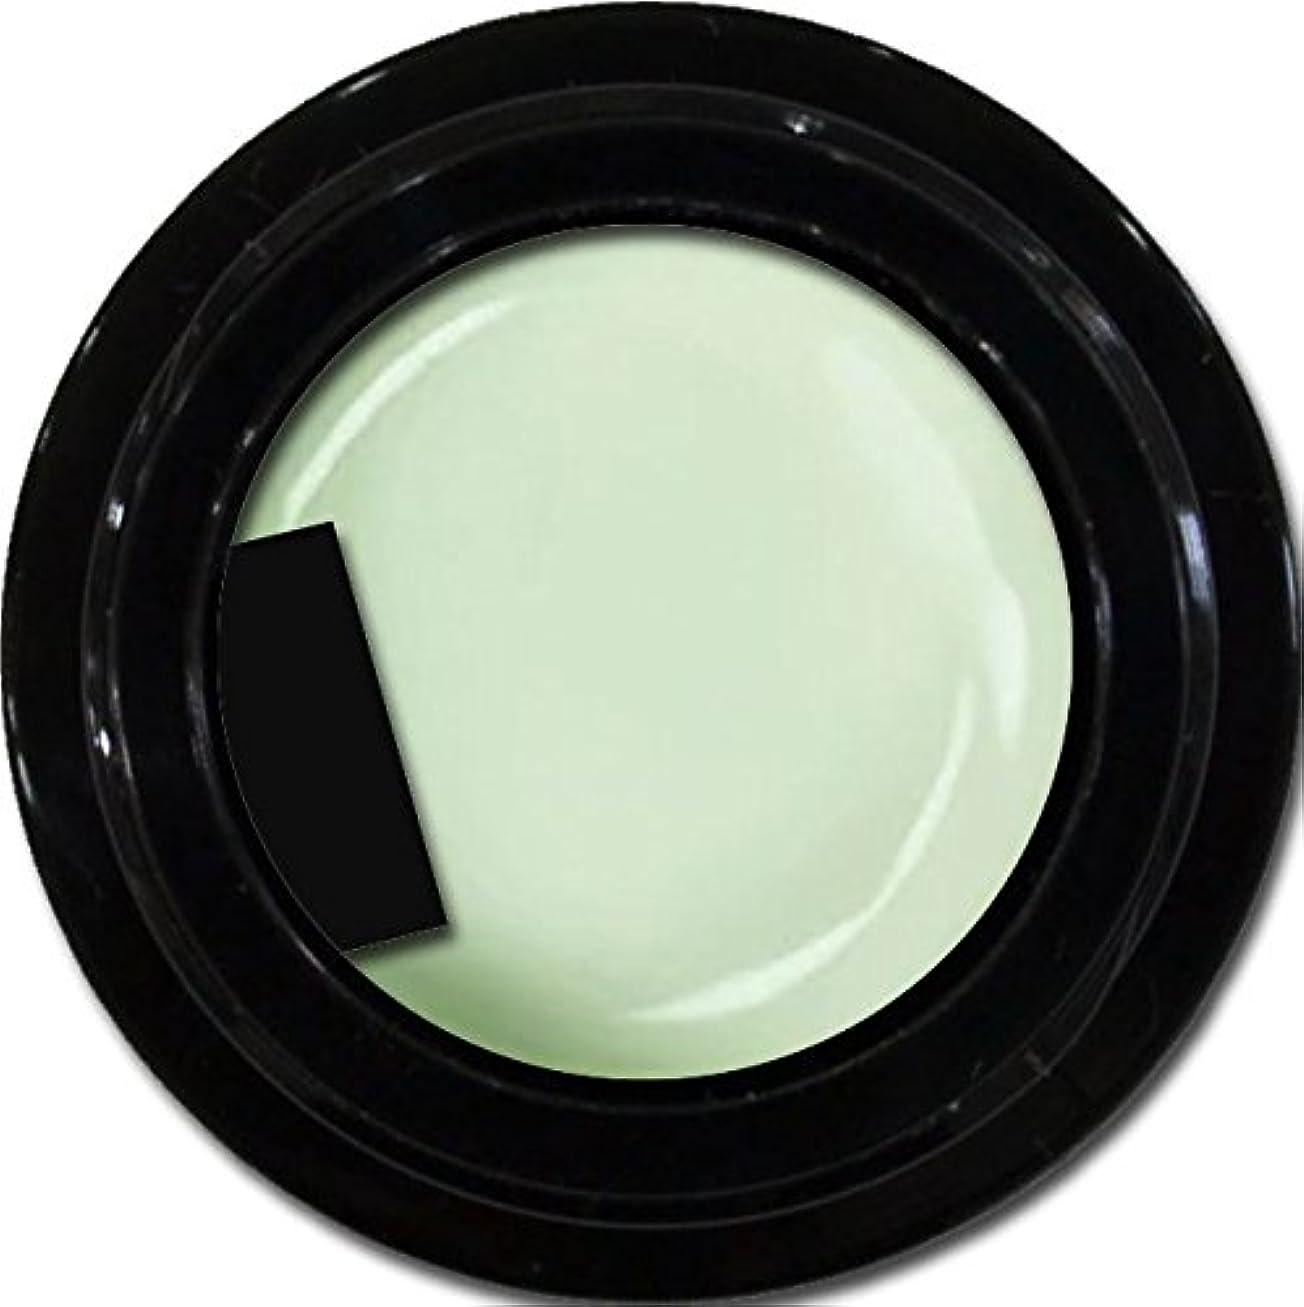 日曜日特権試してみるカラージェル enchant color gel M710 Pistachio 3g/ マットカラージェル M710 ピスタチオ 3グラム